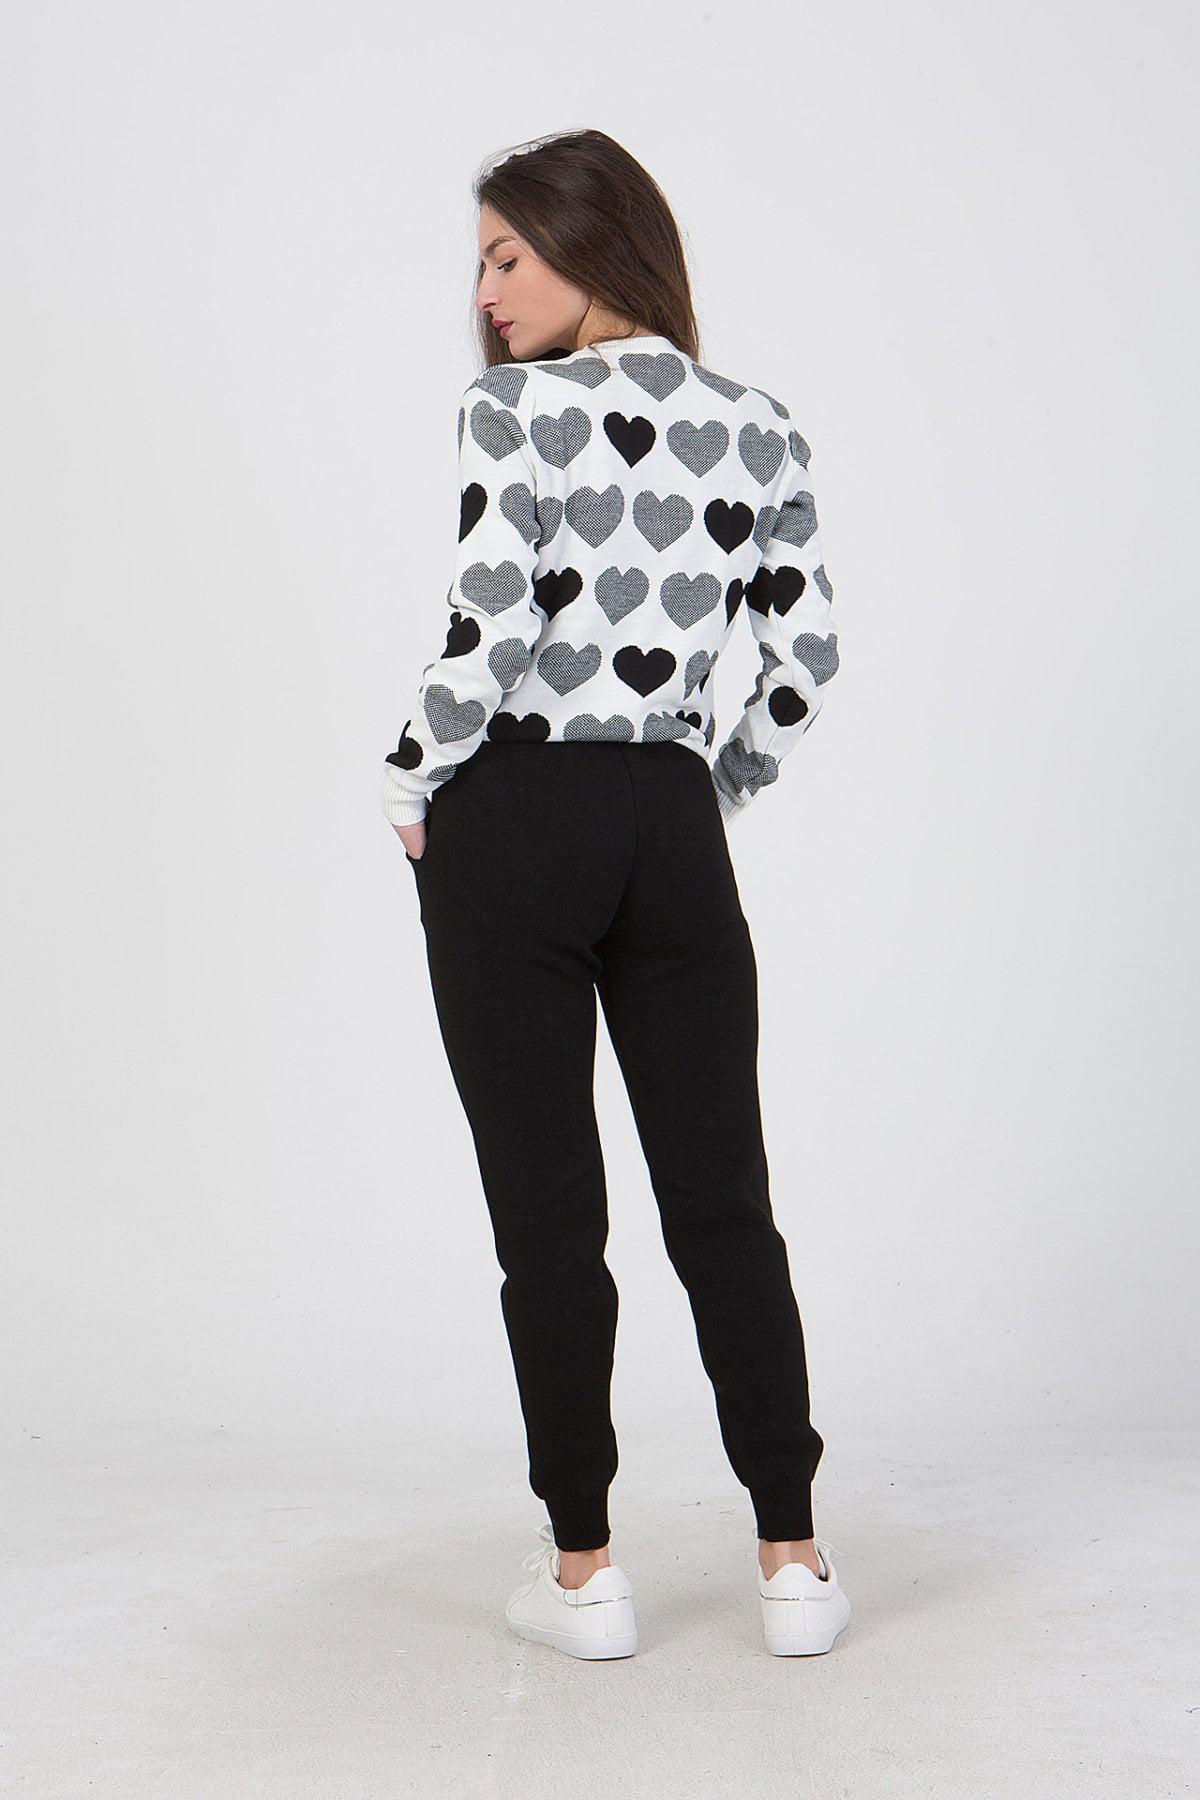 Σετ μπλούζα με σχέδιο καρδουλες -παντελόνι Benissimo